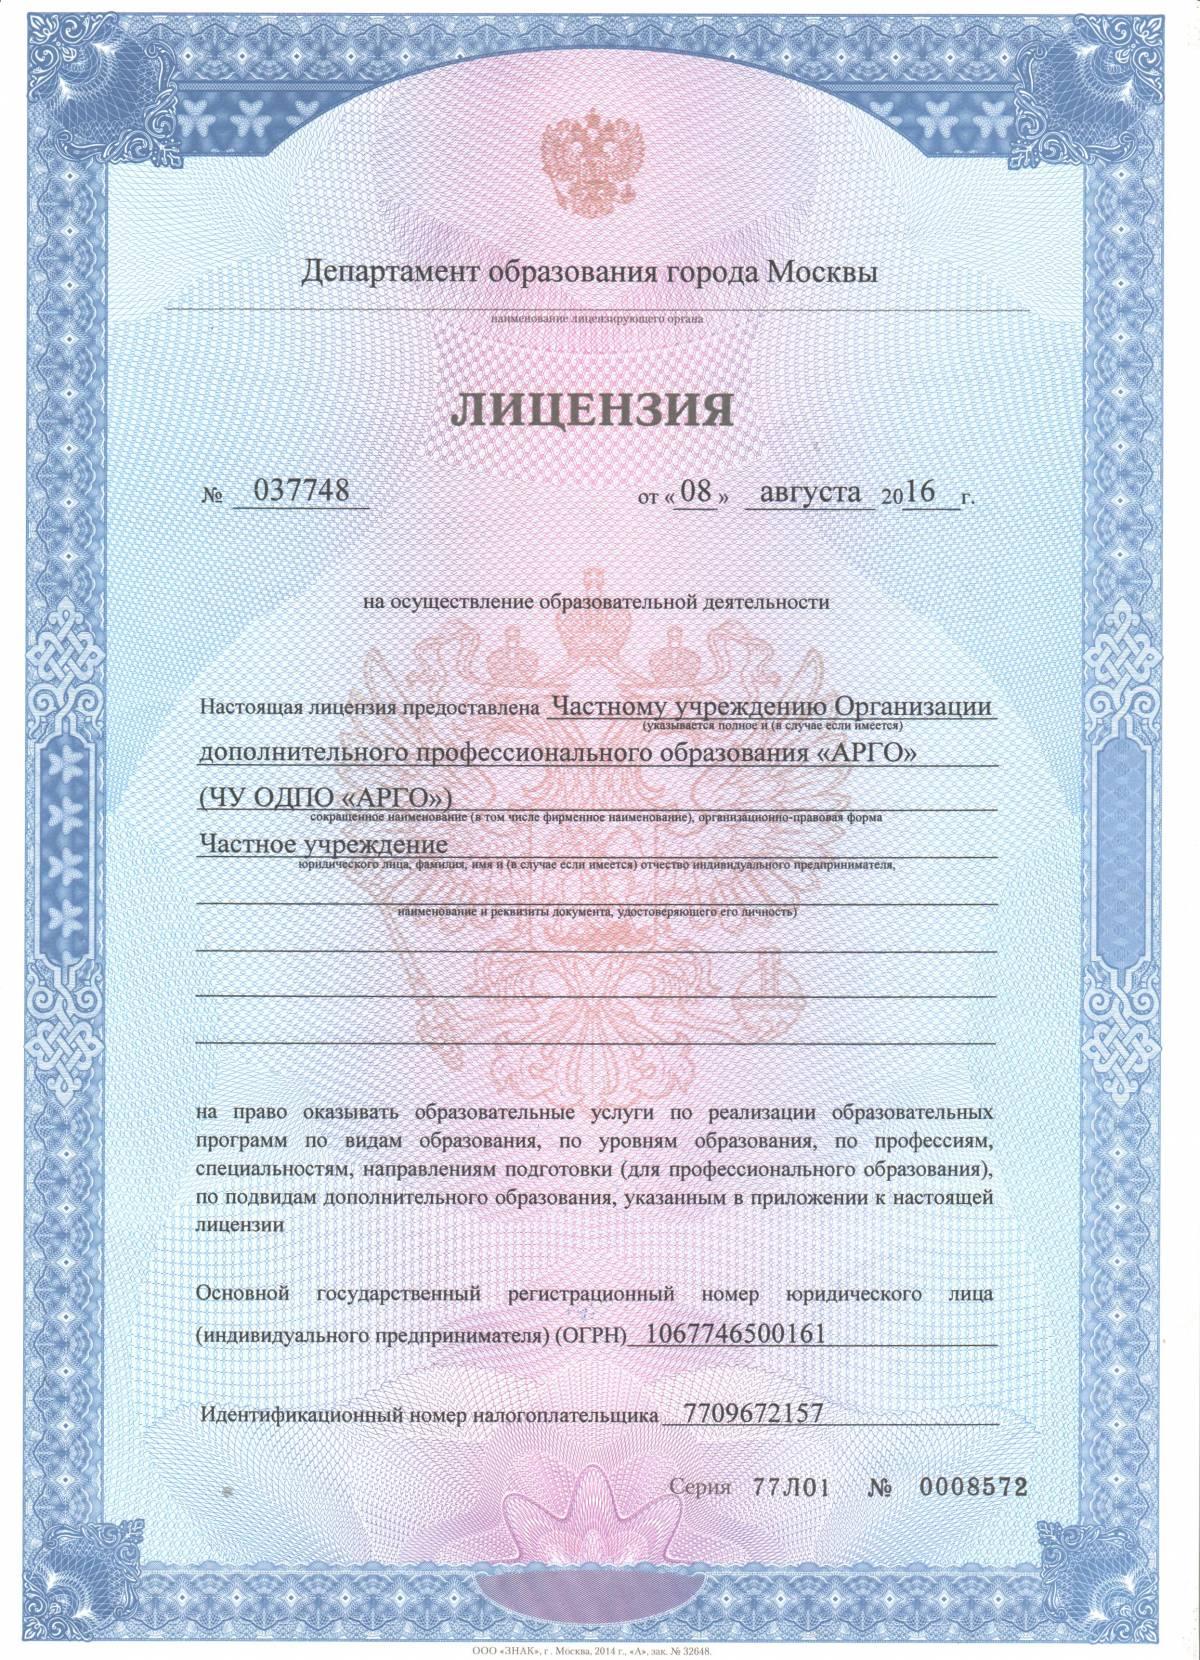 Водительская медицинская справка где пройти в Москве Нижегородский